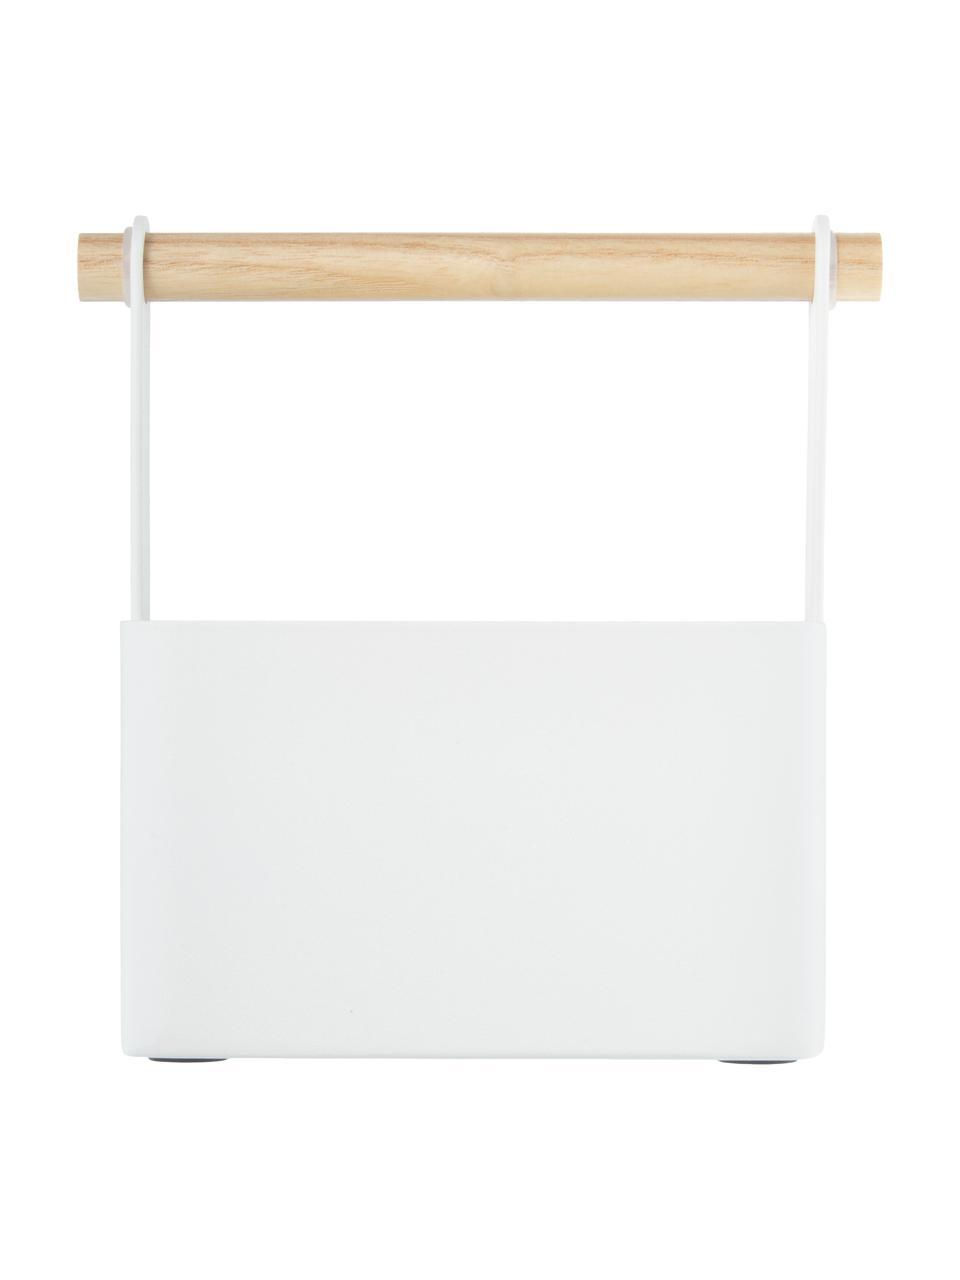 Cestino Tosca, Scatola: acciaio verniciato, Manico: legno, Bianco, marrone, Larg. 16 x Alt. 16 cm